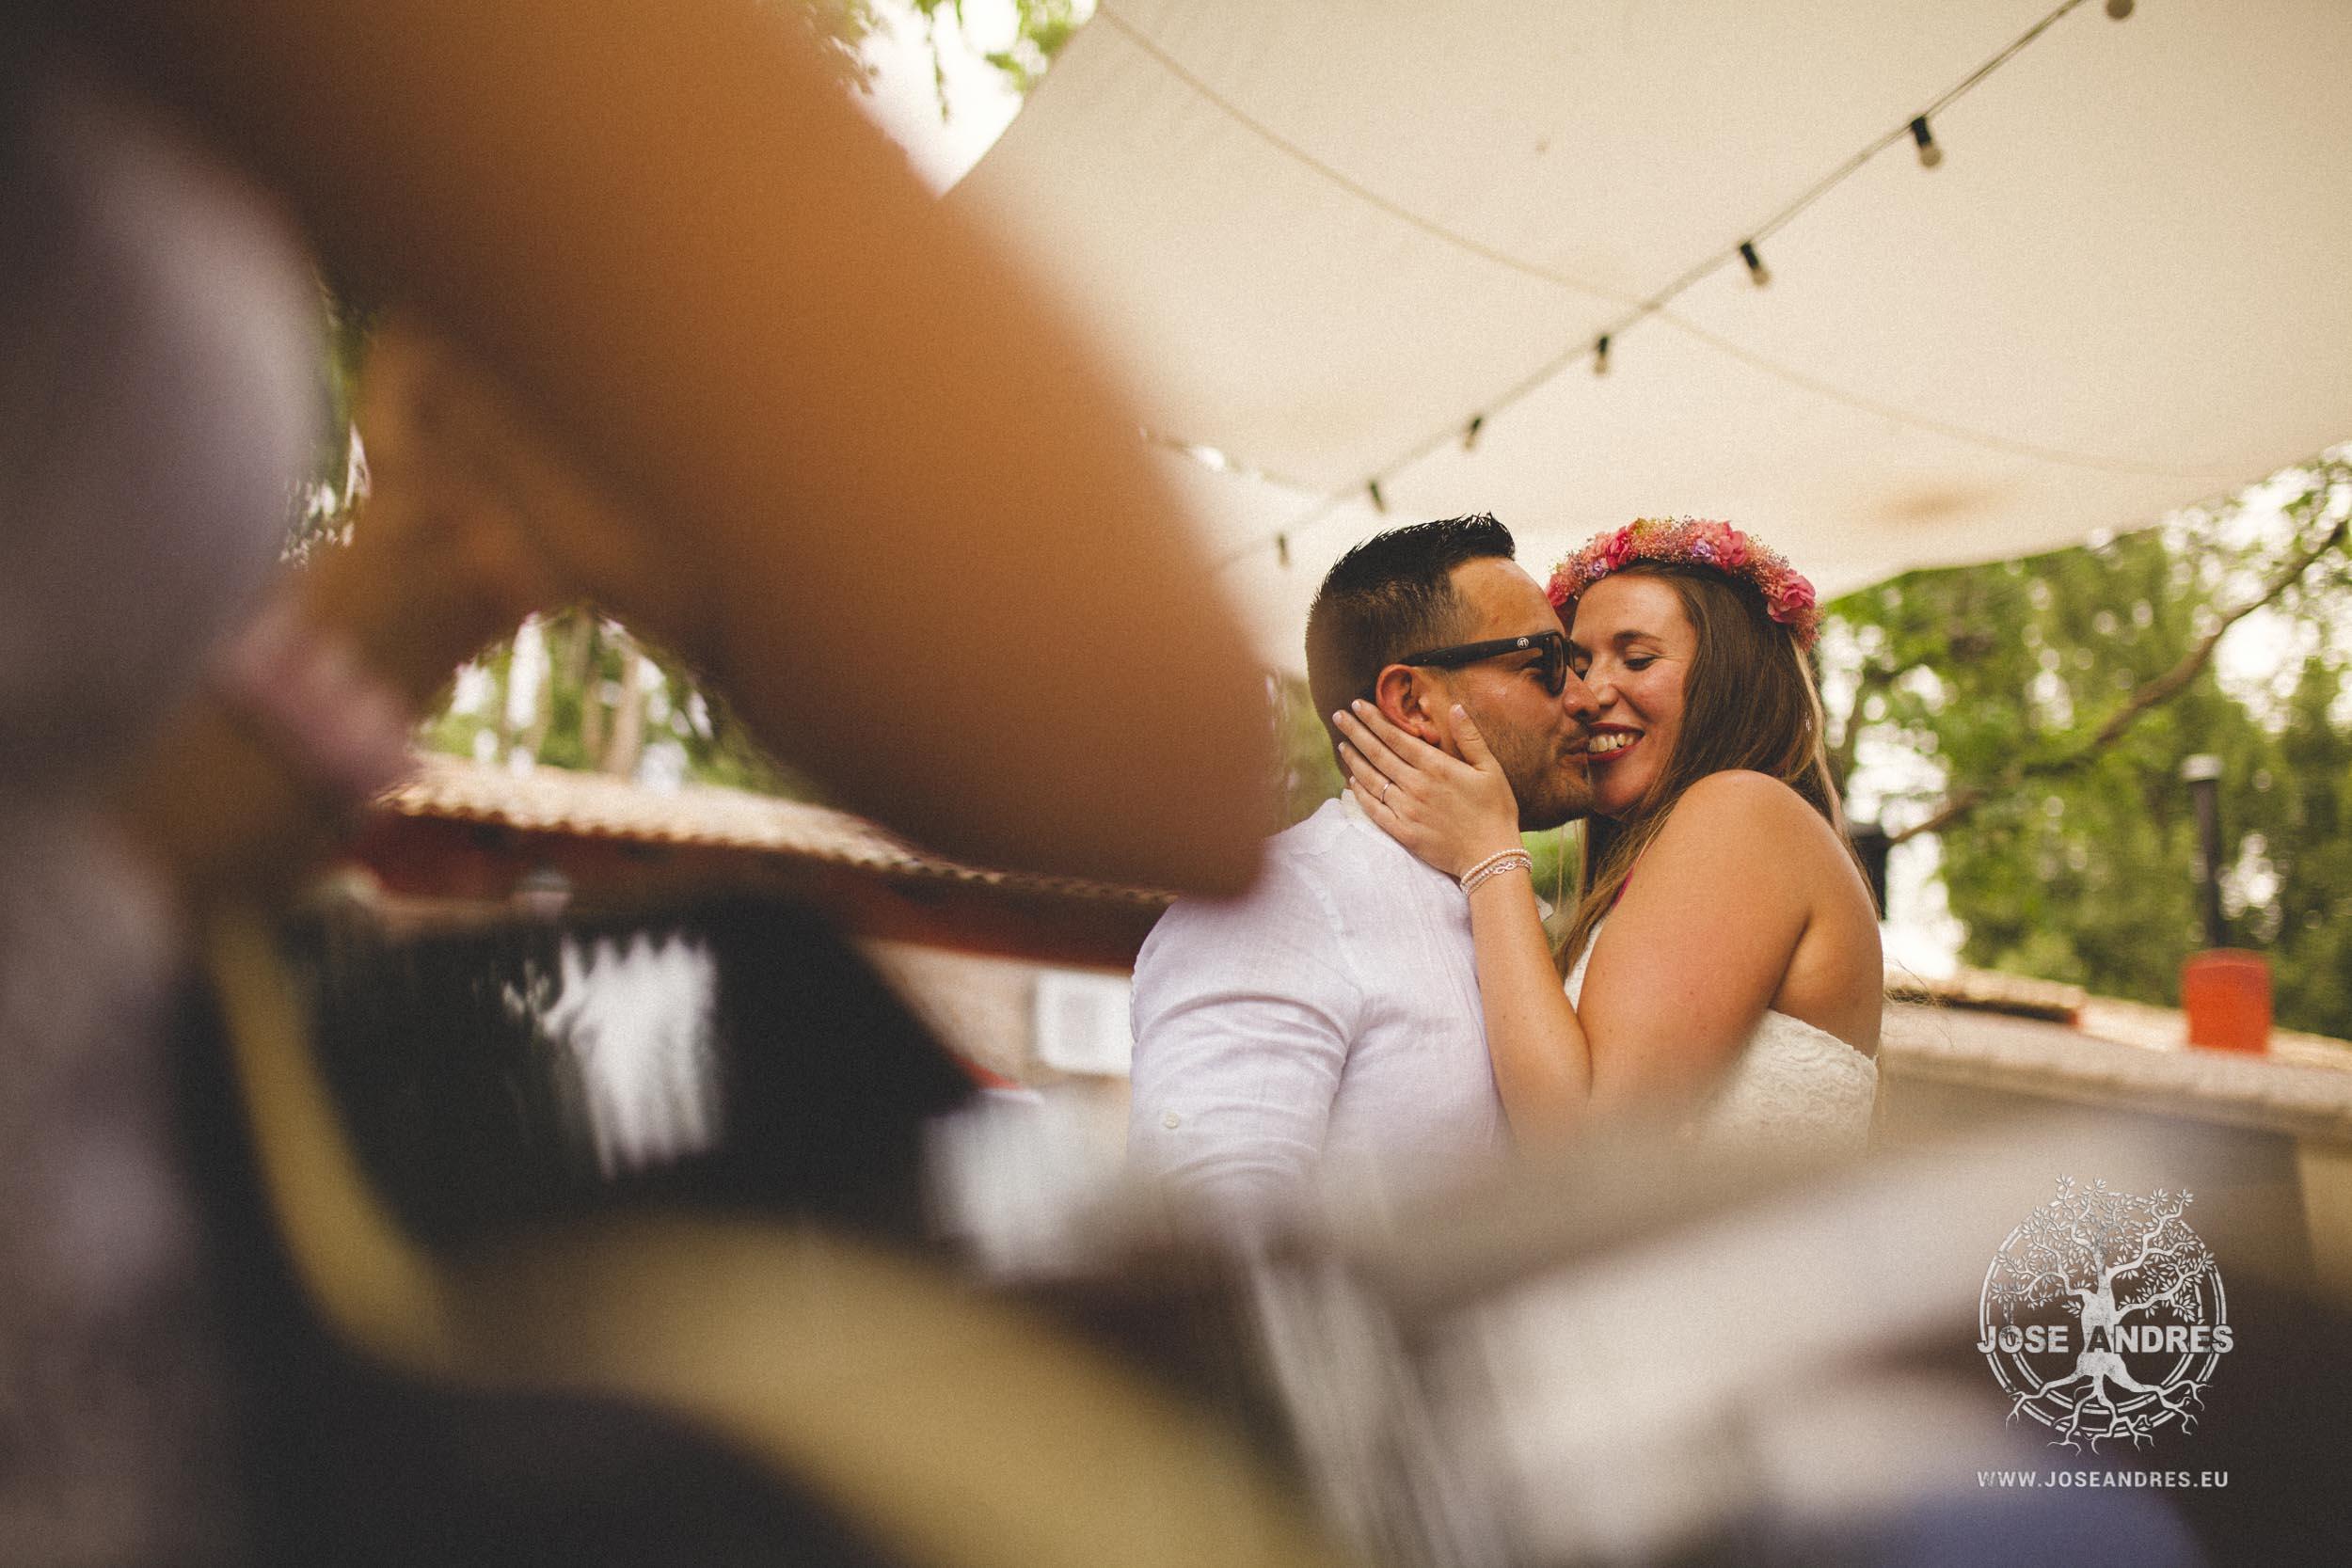 Boda de un fin de semana completo, boda en casas de Luján, Jose Andrés fotografía y cine documental de boda en Valencia, Albacete y Cuenca. Fotografía de boda natural y divertida, fotografía de boda sin posados